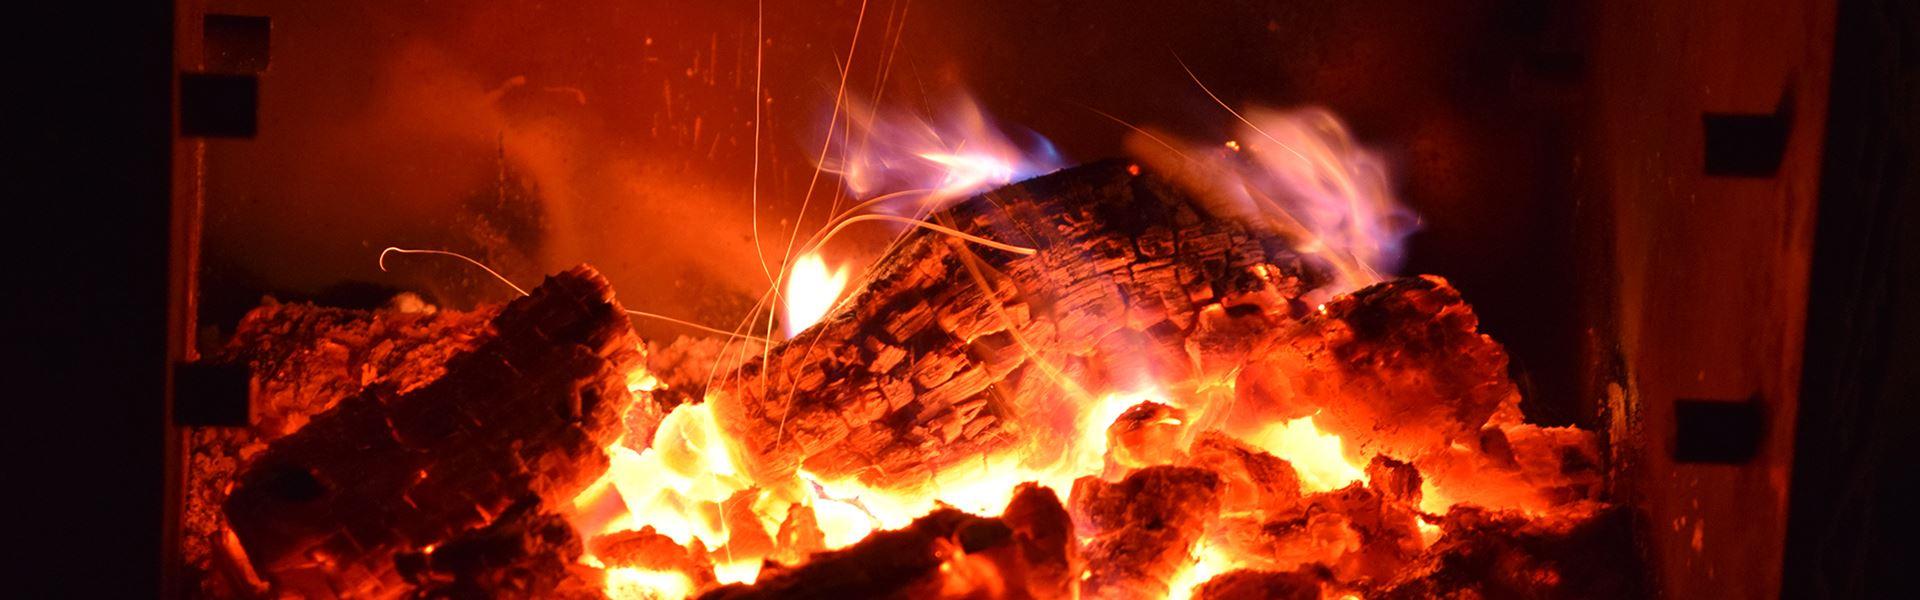 Feuer_Feuerstelle